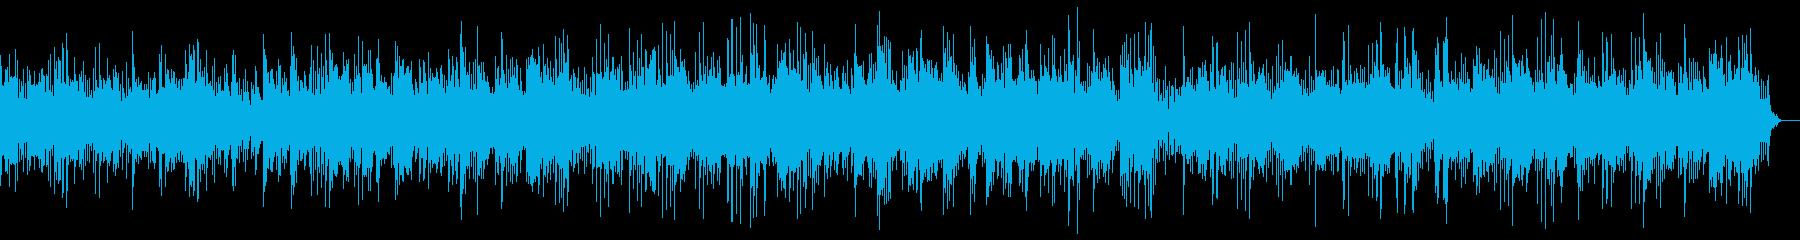 旋律の綺麗な高音のヒーリングピアノの再生済みの波形